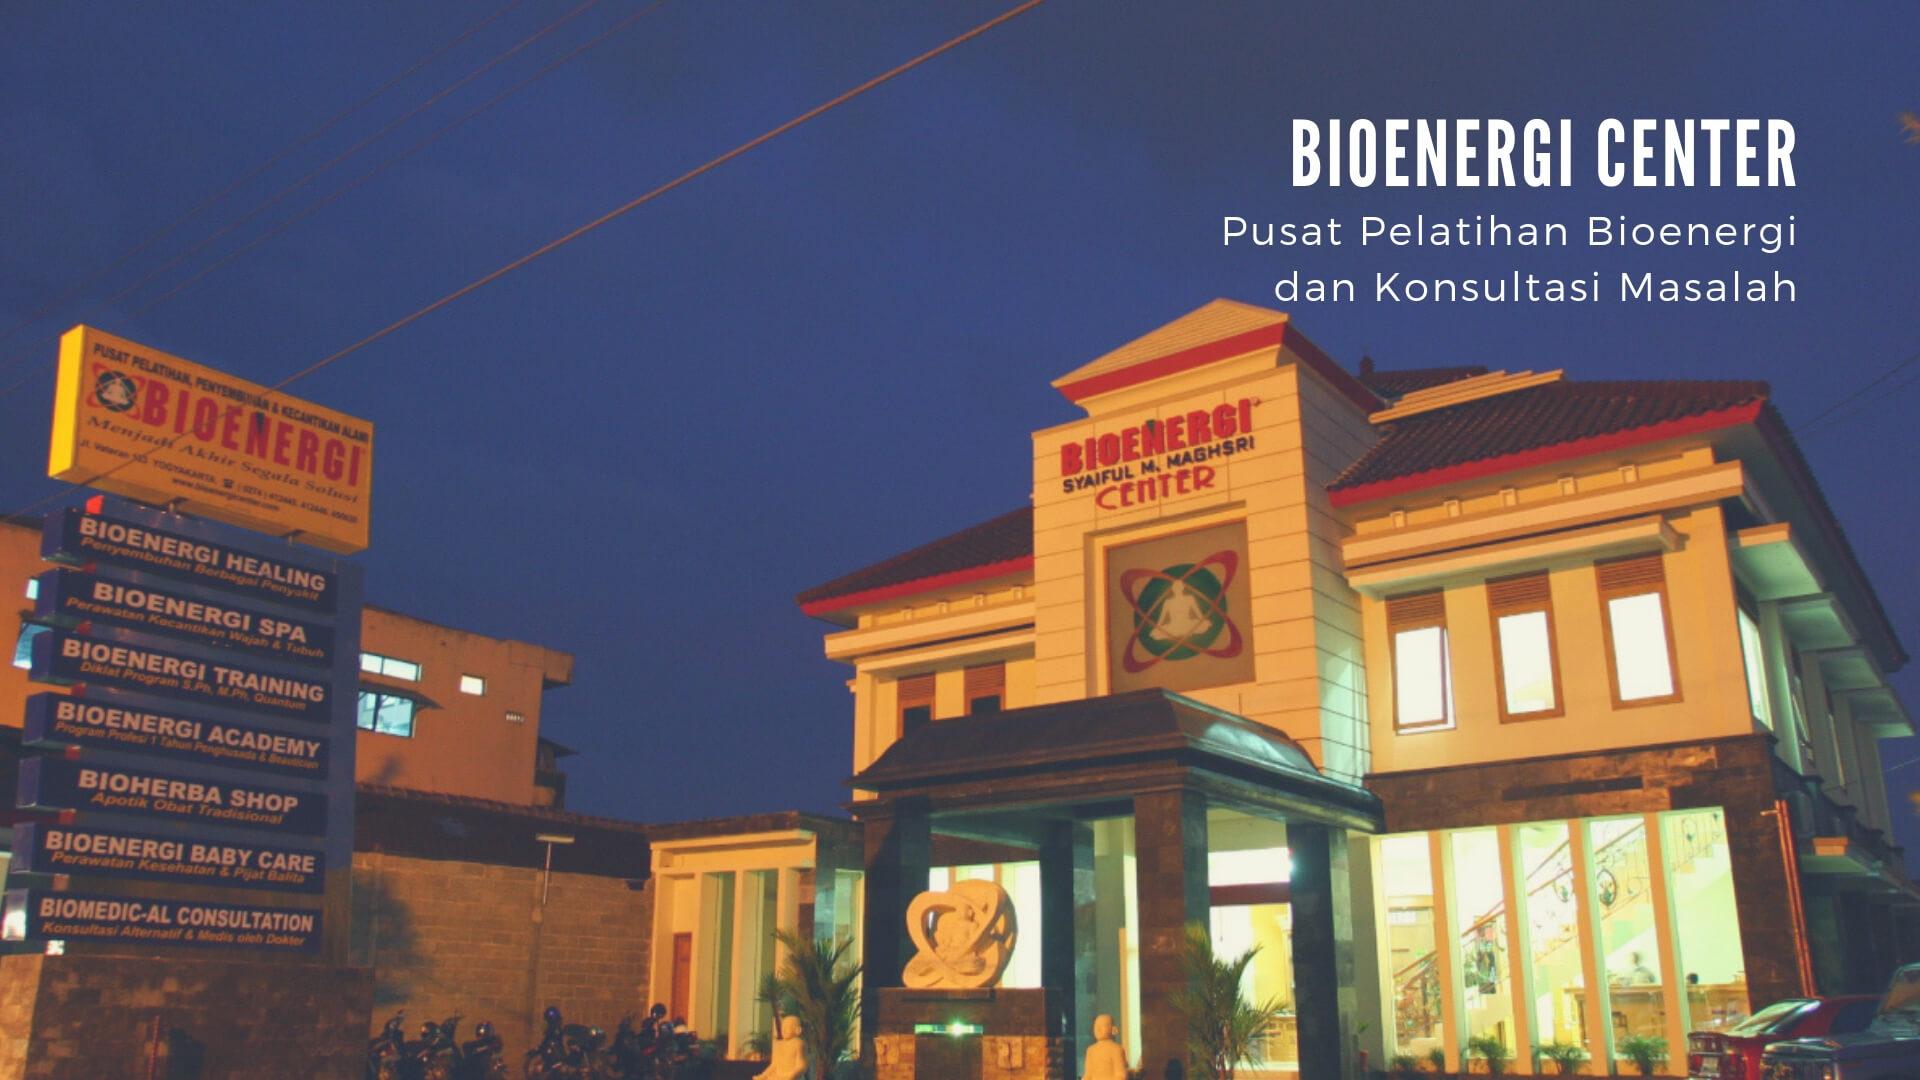 Bioenergi Center